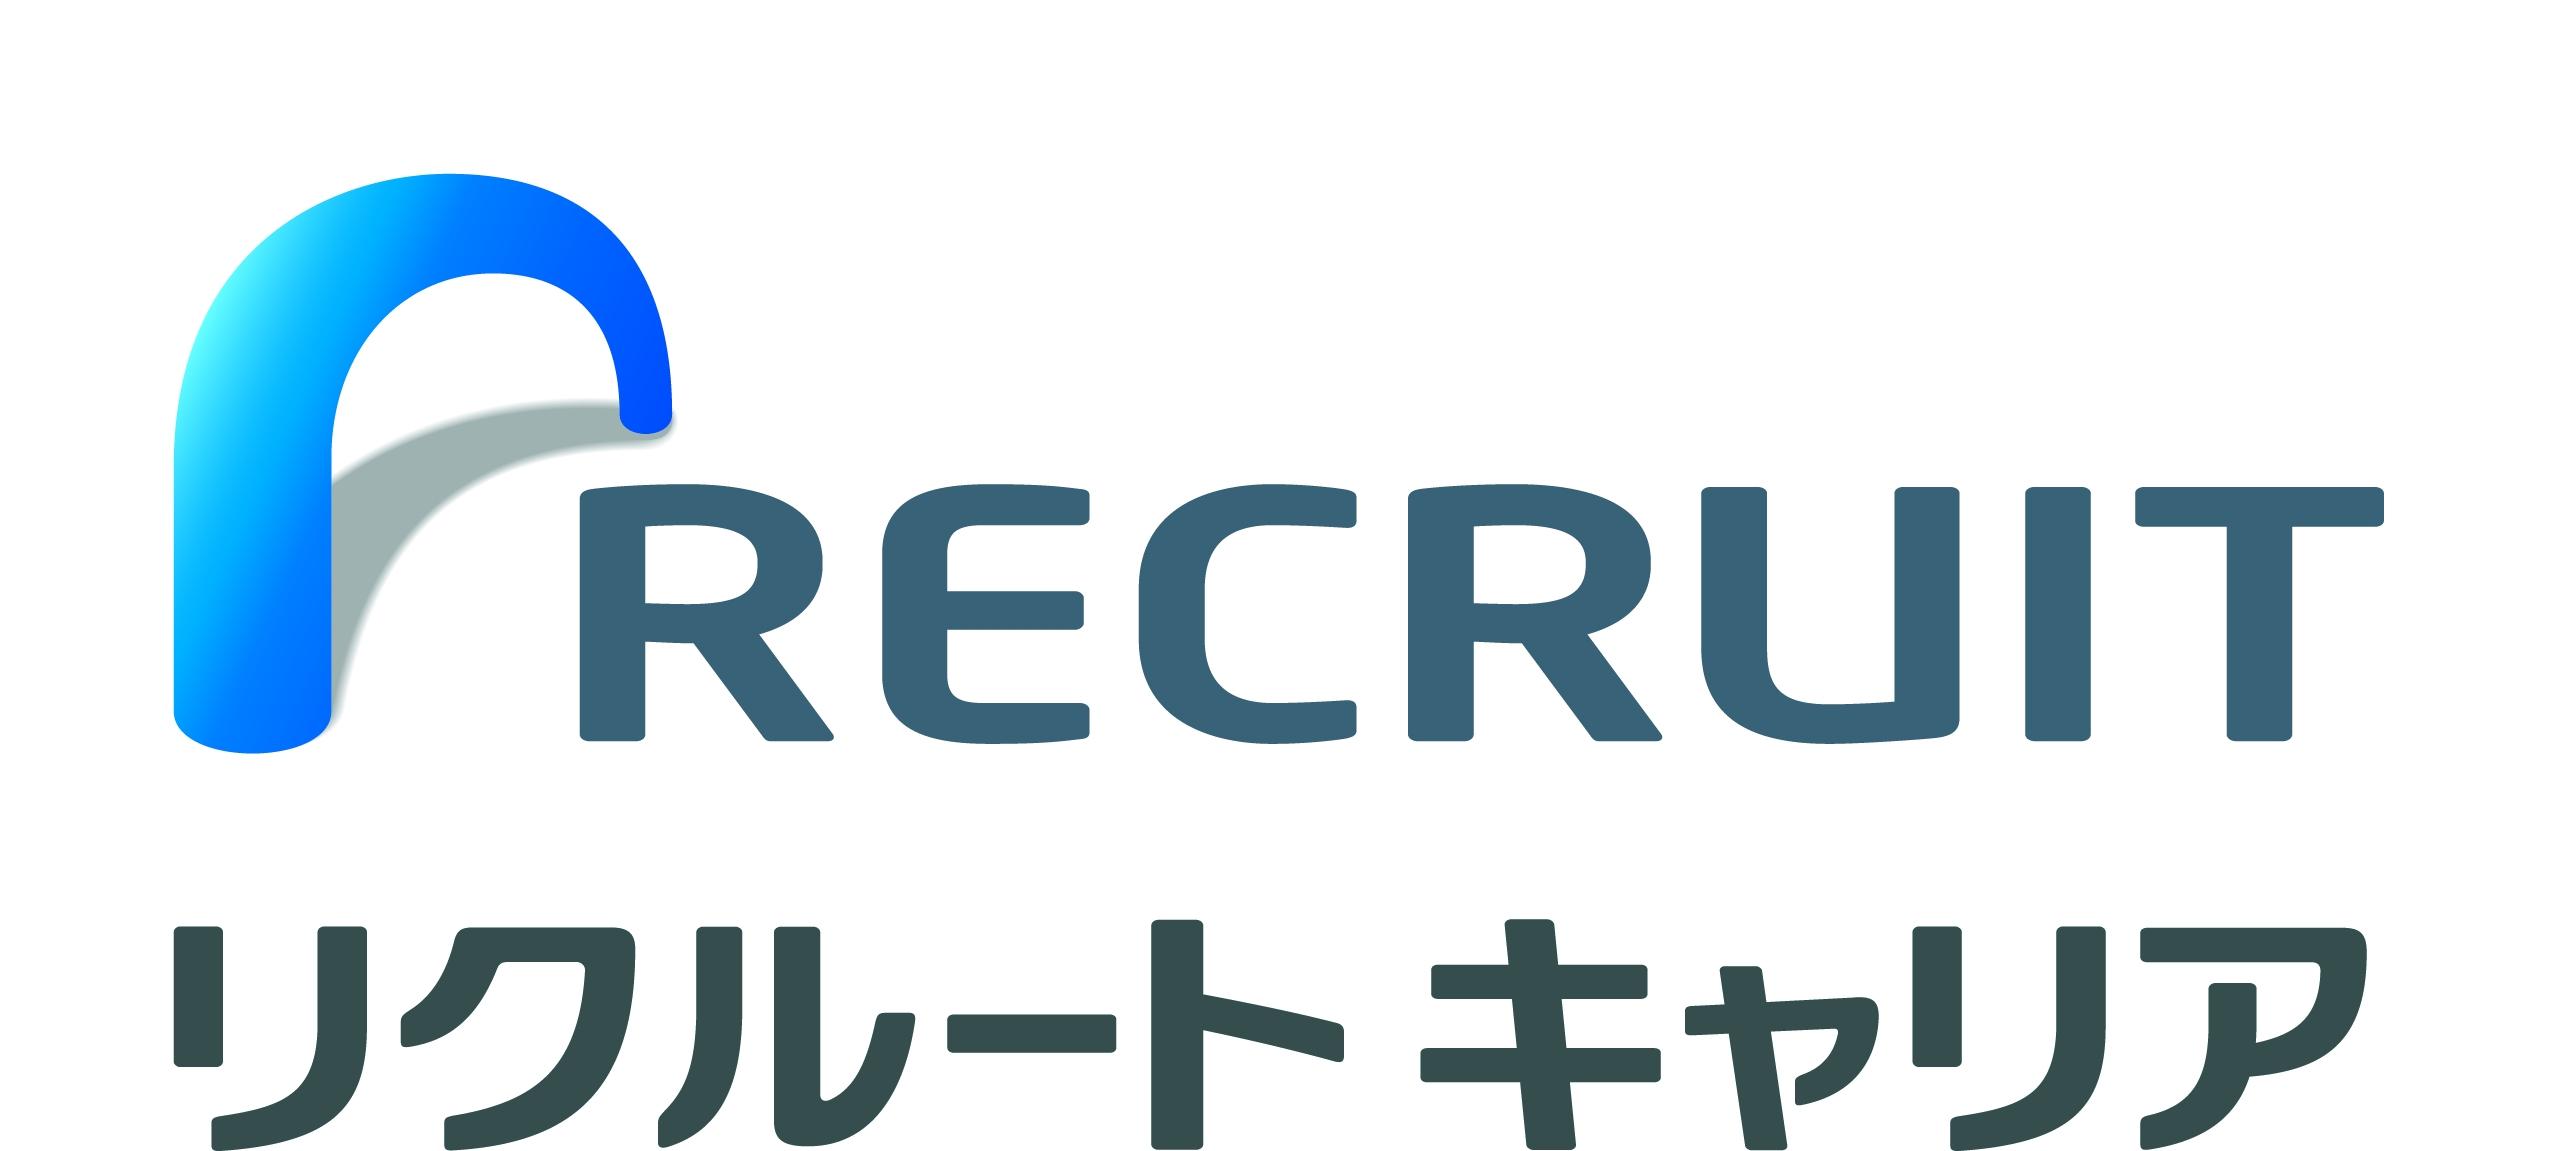 リクルートキャリアの採用成功支援サービスがHRテクノロジーゾーンに集結 人事業界日本最大の展示会「第6回 HR EXPO(人事労務・教育・採用)」に出展 東京ビッグサイト 7/11(⽔)〜7/13(⾦)